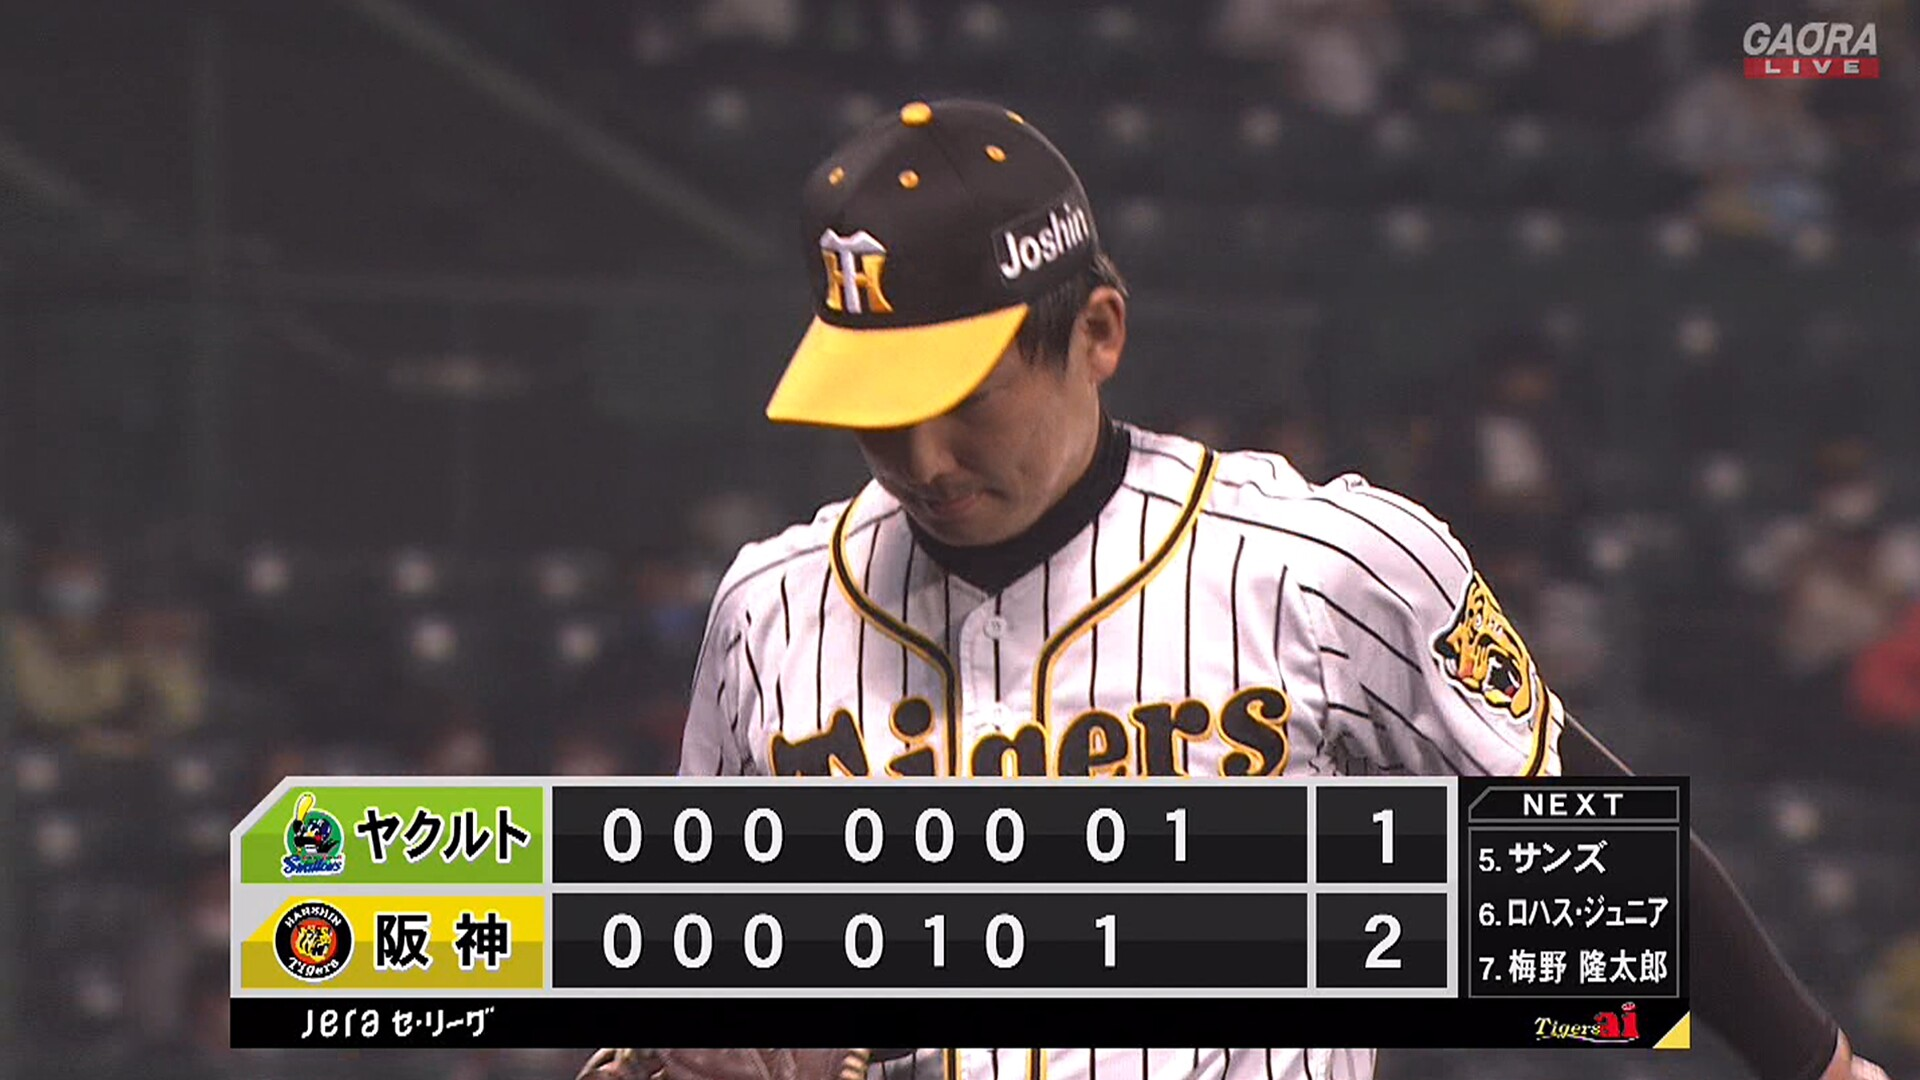 阪神・岩崎「0点で抑えることができてよかったです」タオル発売! → 久しぶりに失点してしまう